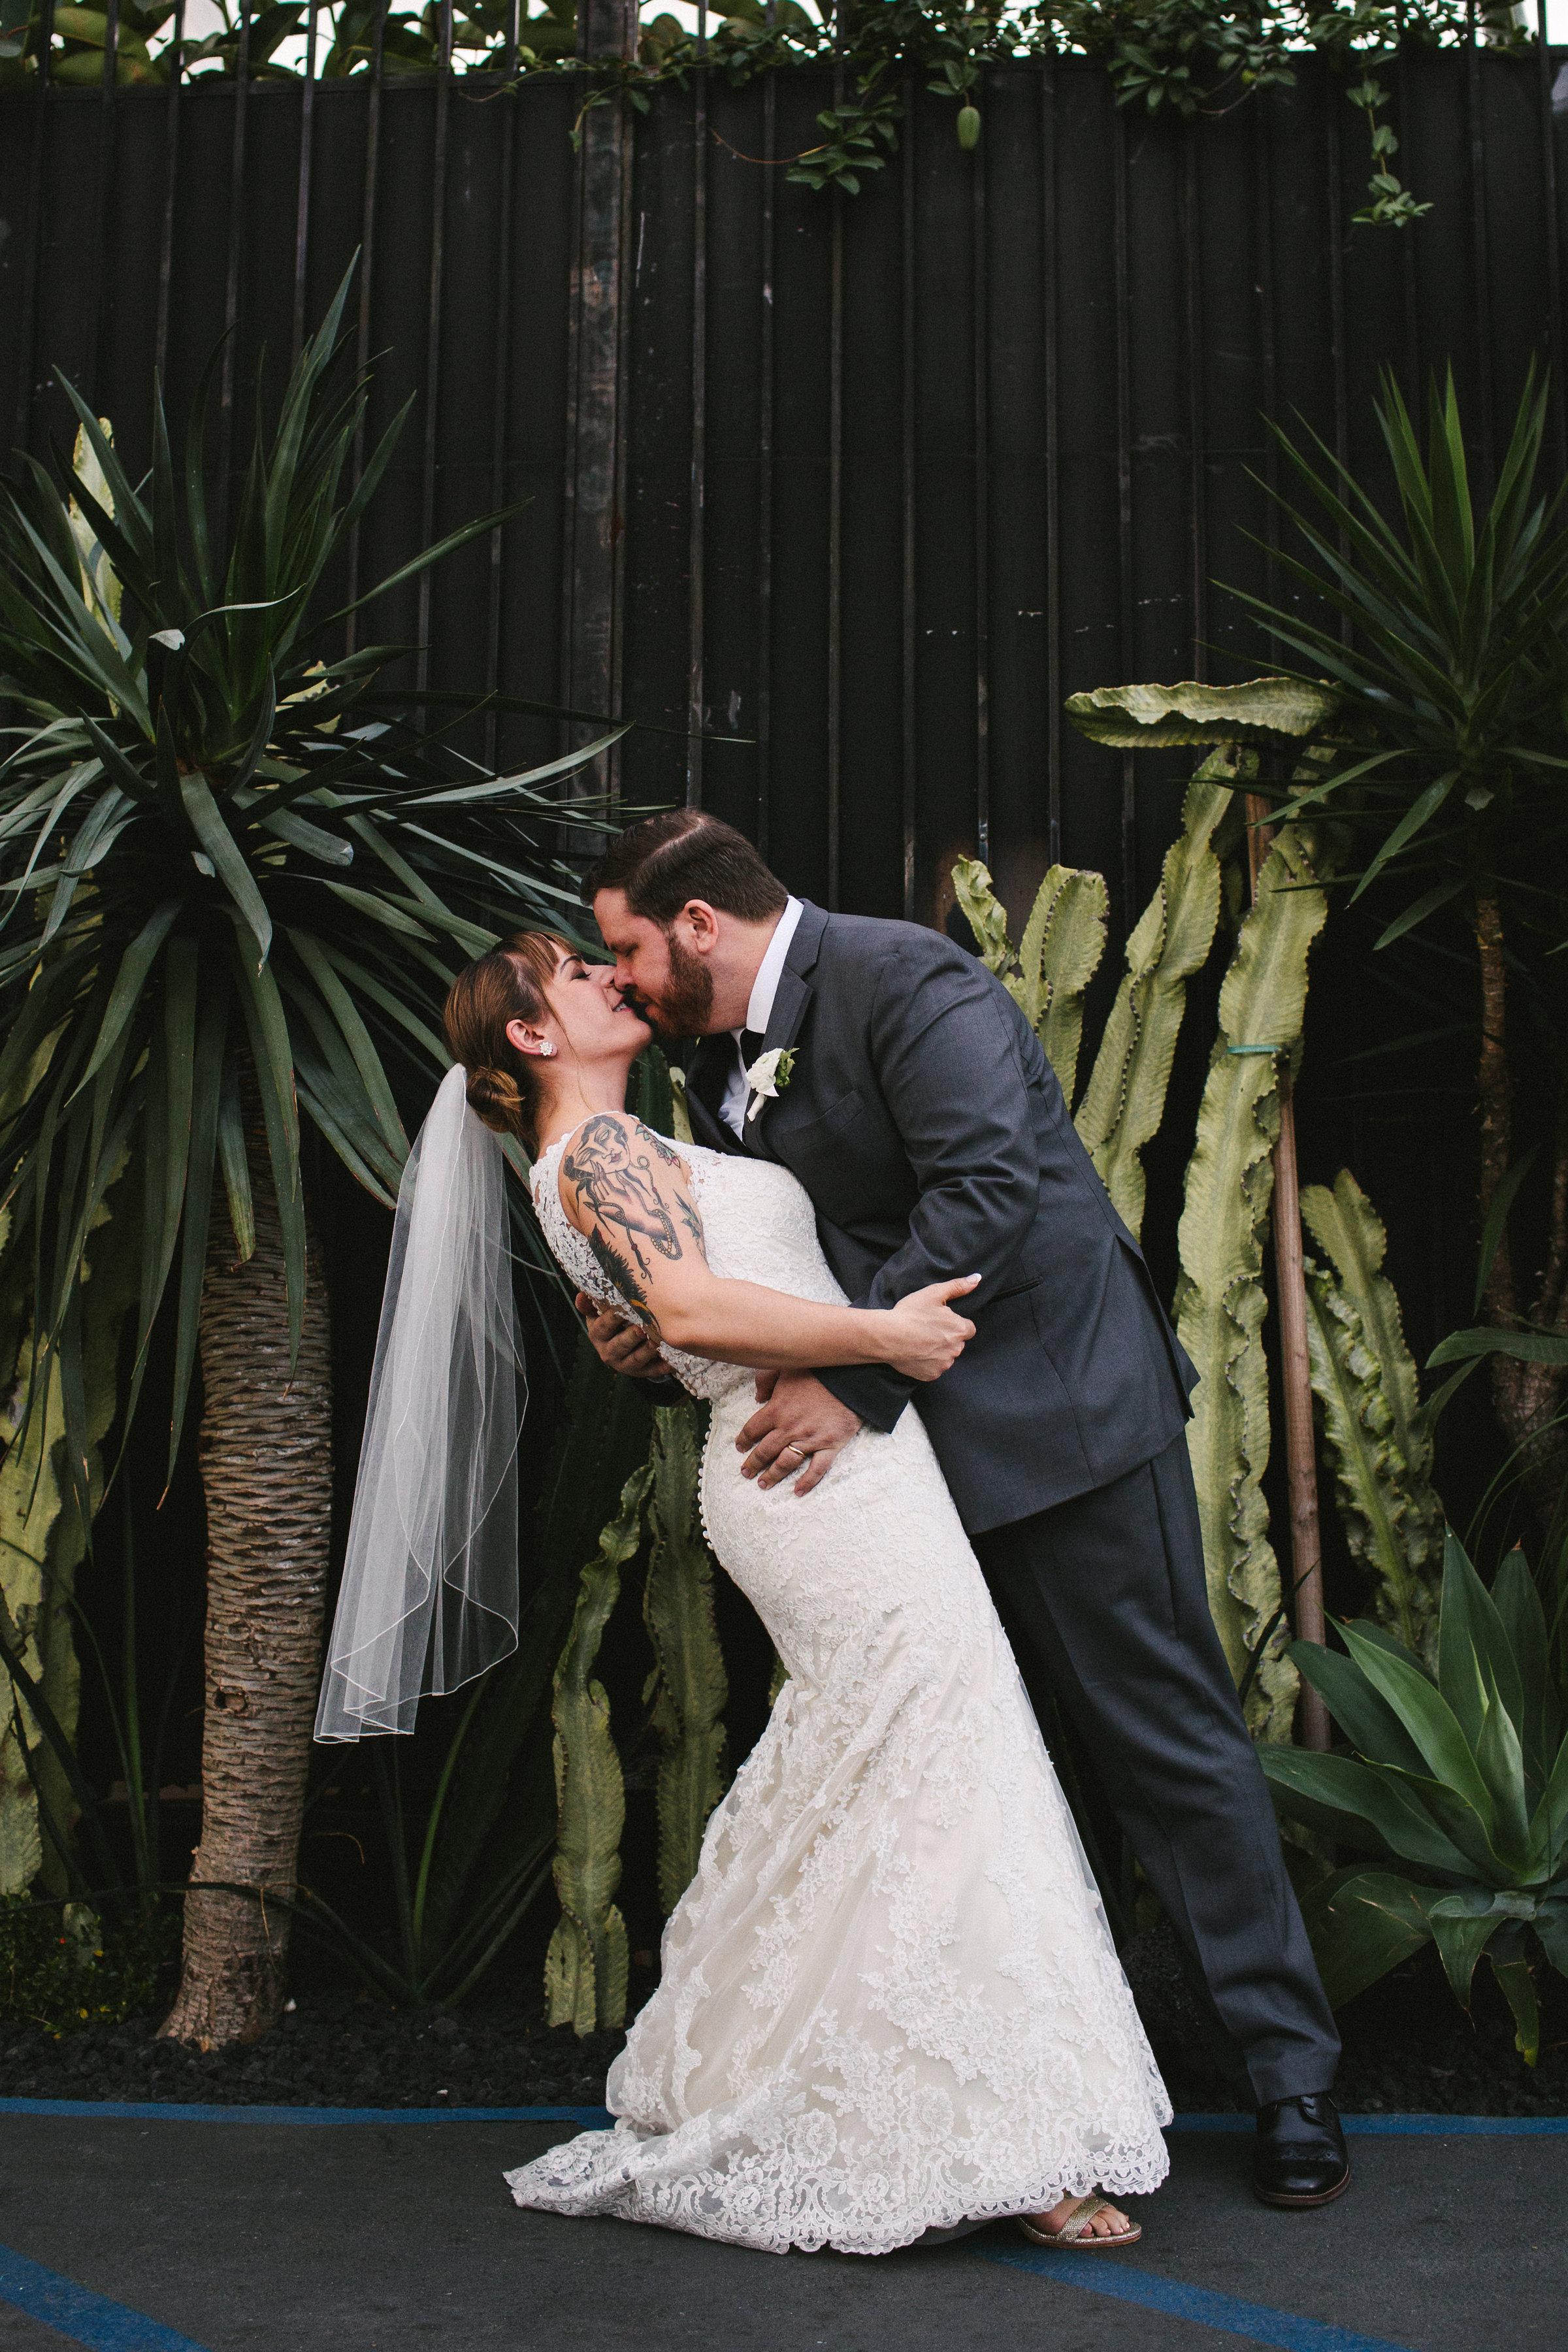 KARI & ALEX MILWICK, LOS ANGELES